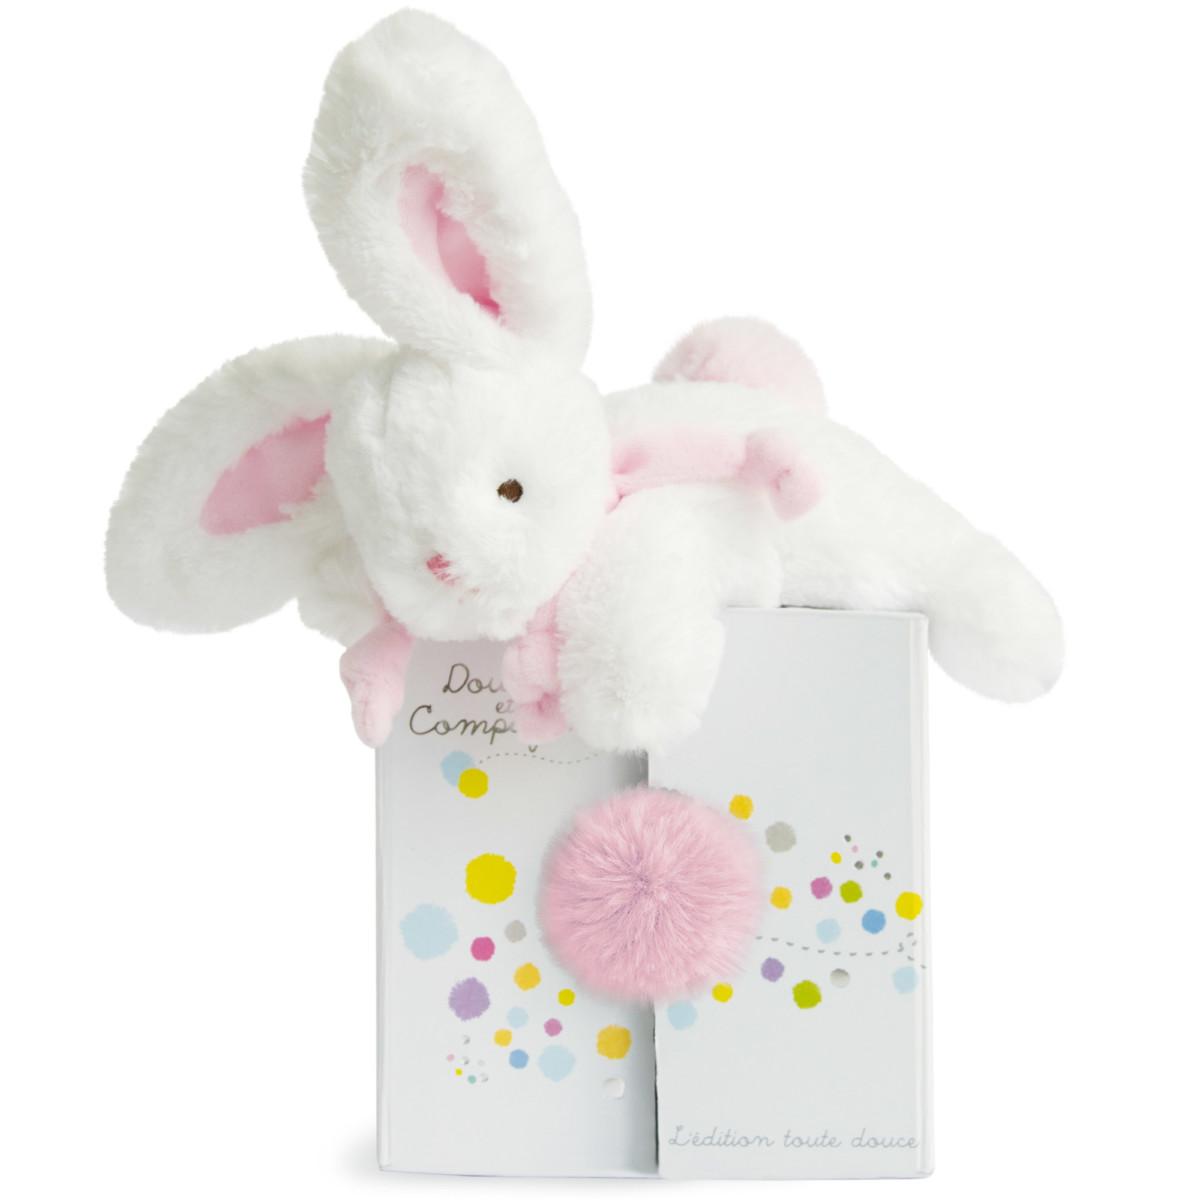 Coucou doudou lapin de Doudou et compagnie, Doudous : Aubert